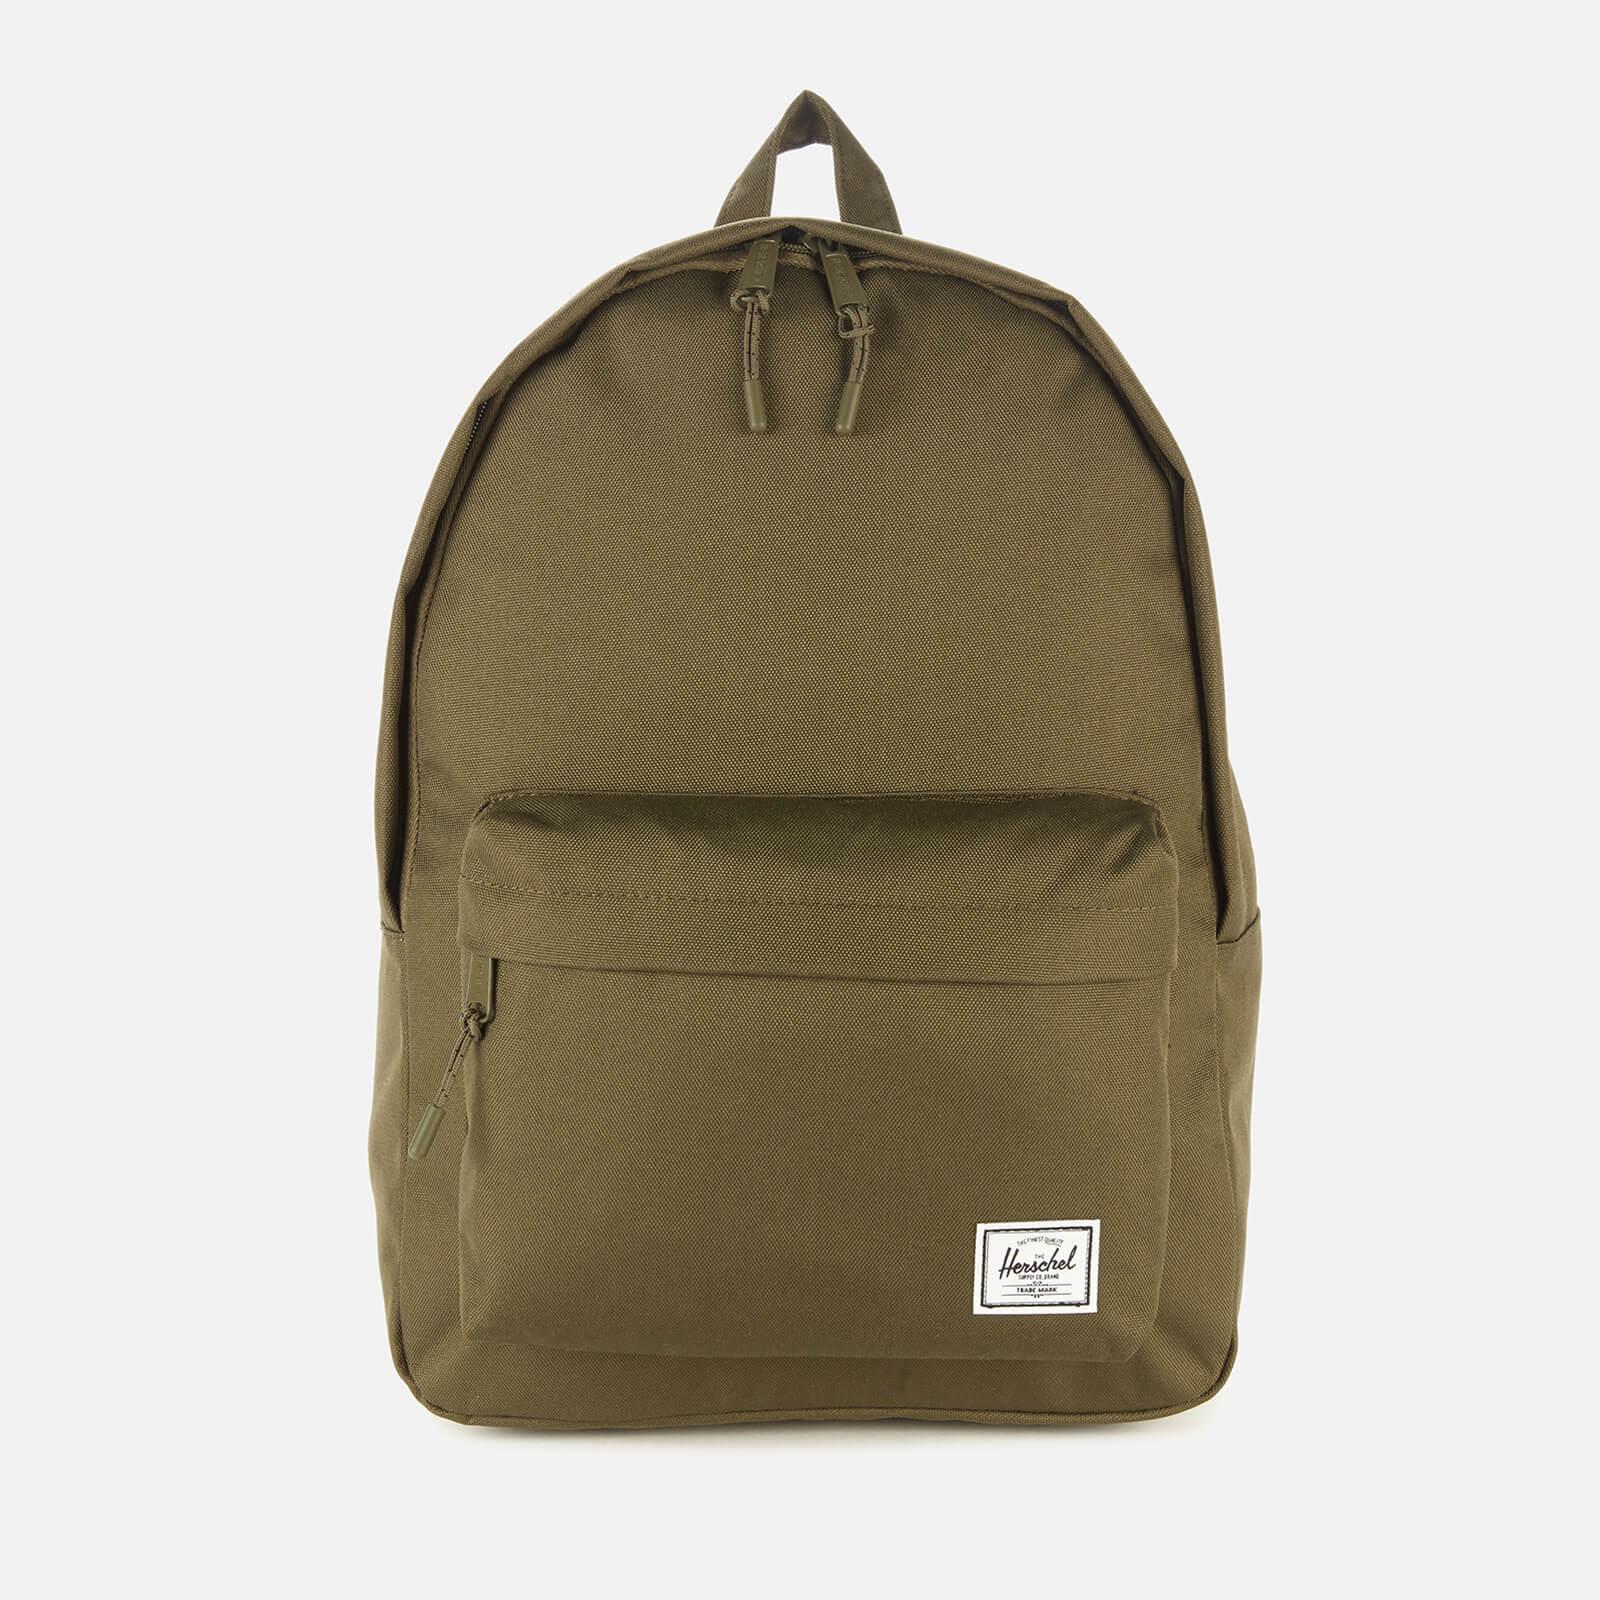 Herschel Supply Co. Men's Classic Backpack - Ivy Green